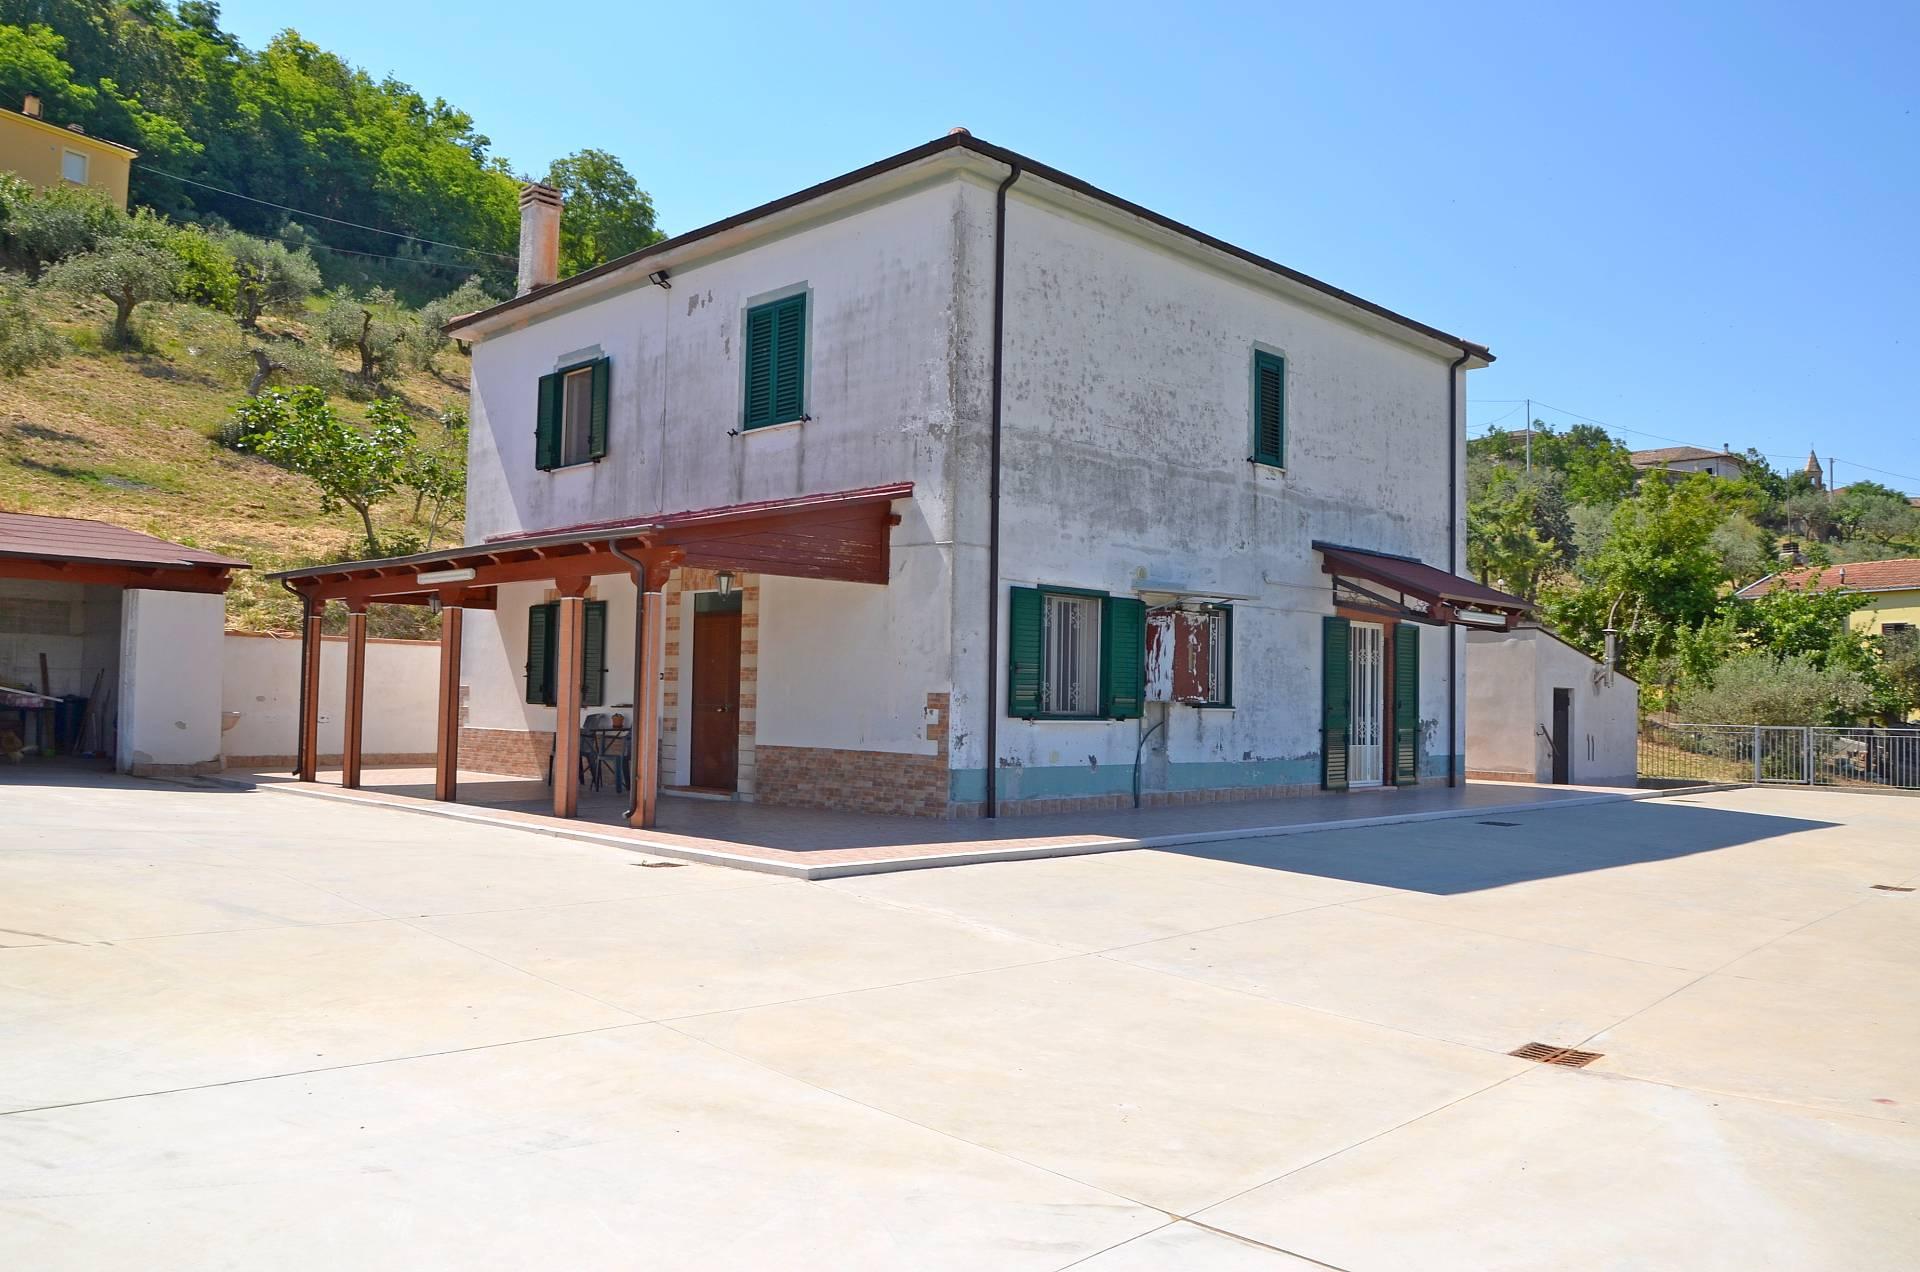 Soluzione Indipendente in vendita a Città Sant'Angelo, 8 locali, zona Zona: Annunziata, prezzo € 280.000 | CambioCasa.it